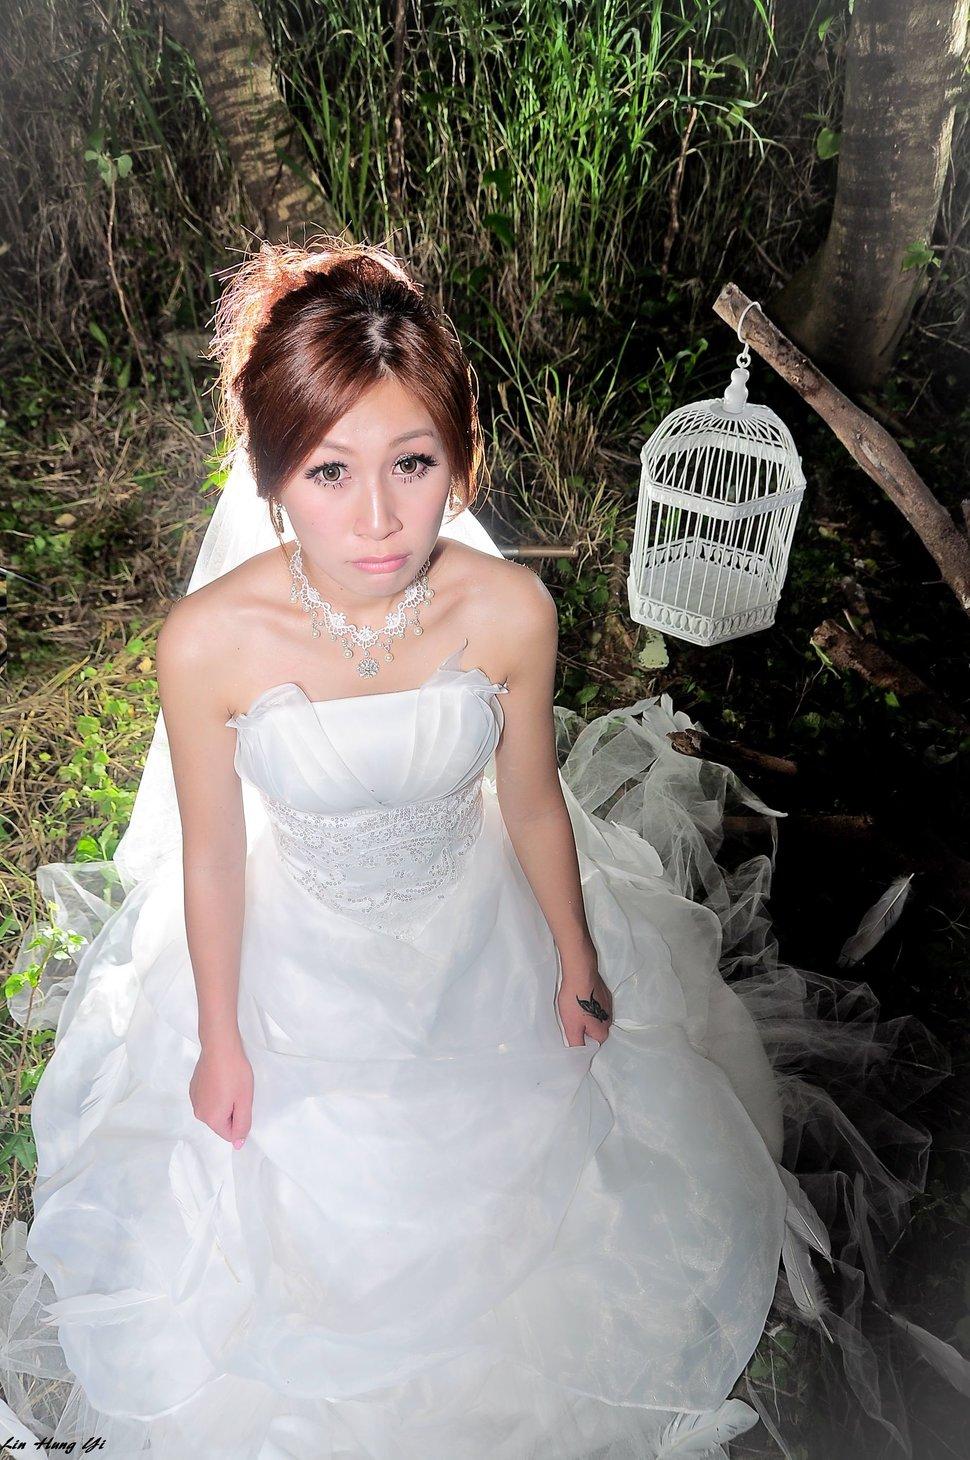 dsc_1127-1_38380230172_o - 小林哥Hung YI攝影工作室《結婚吧》